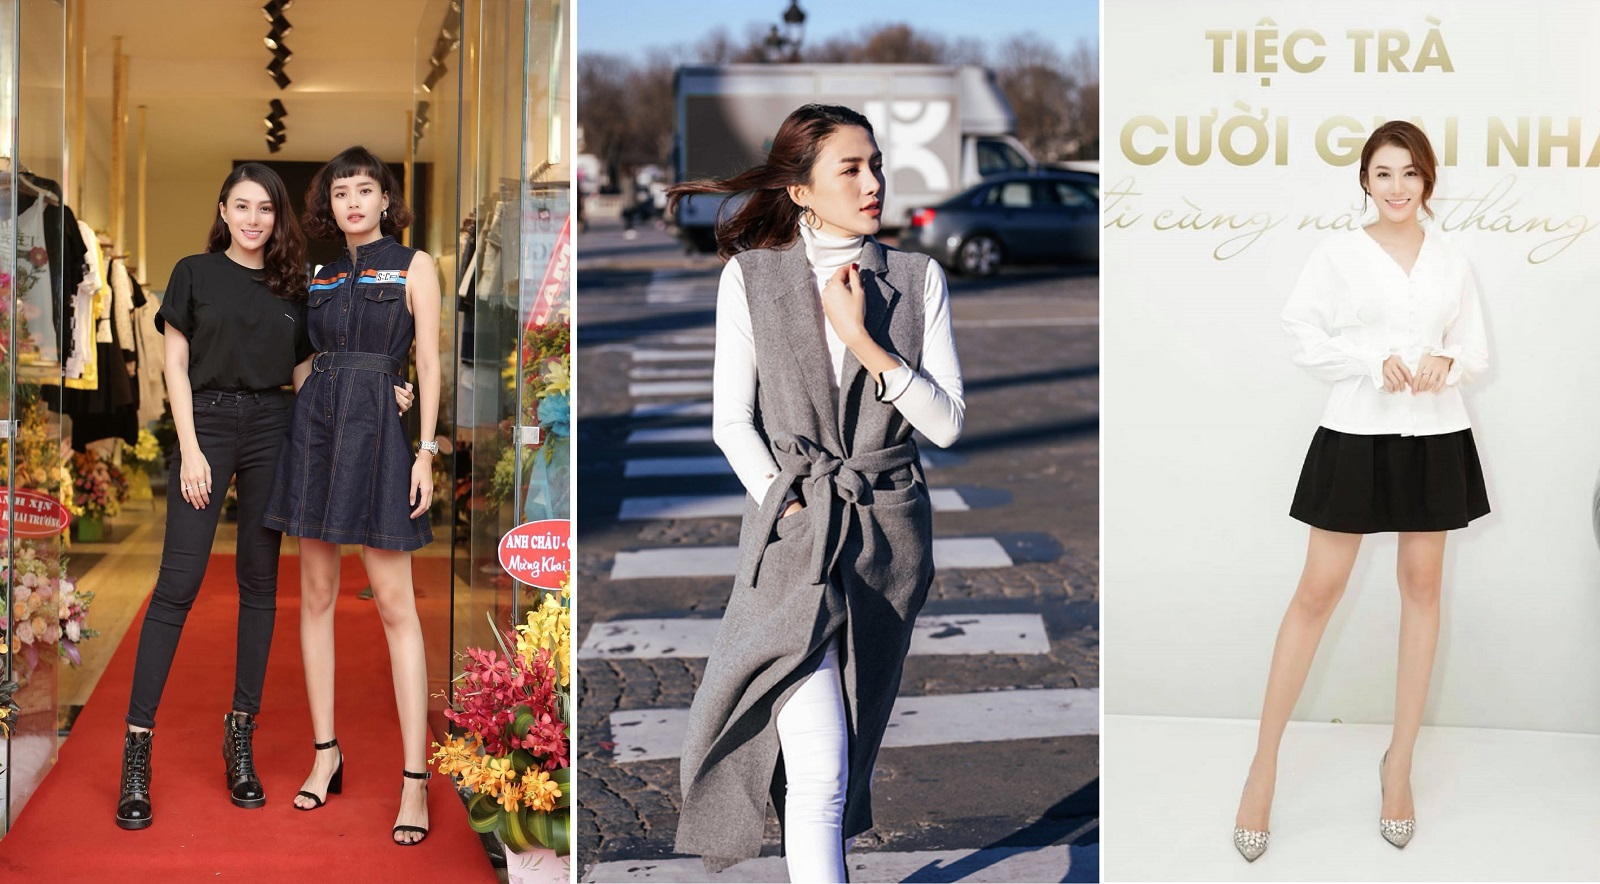 """Gia Lai: Chớp ngay cơ hội """"mua 2 tặng 1"""" tại shop thời trang của người mẫu Lê Hà"""